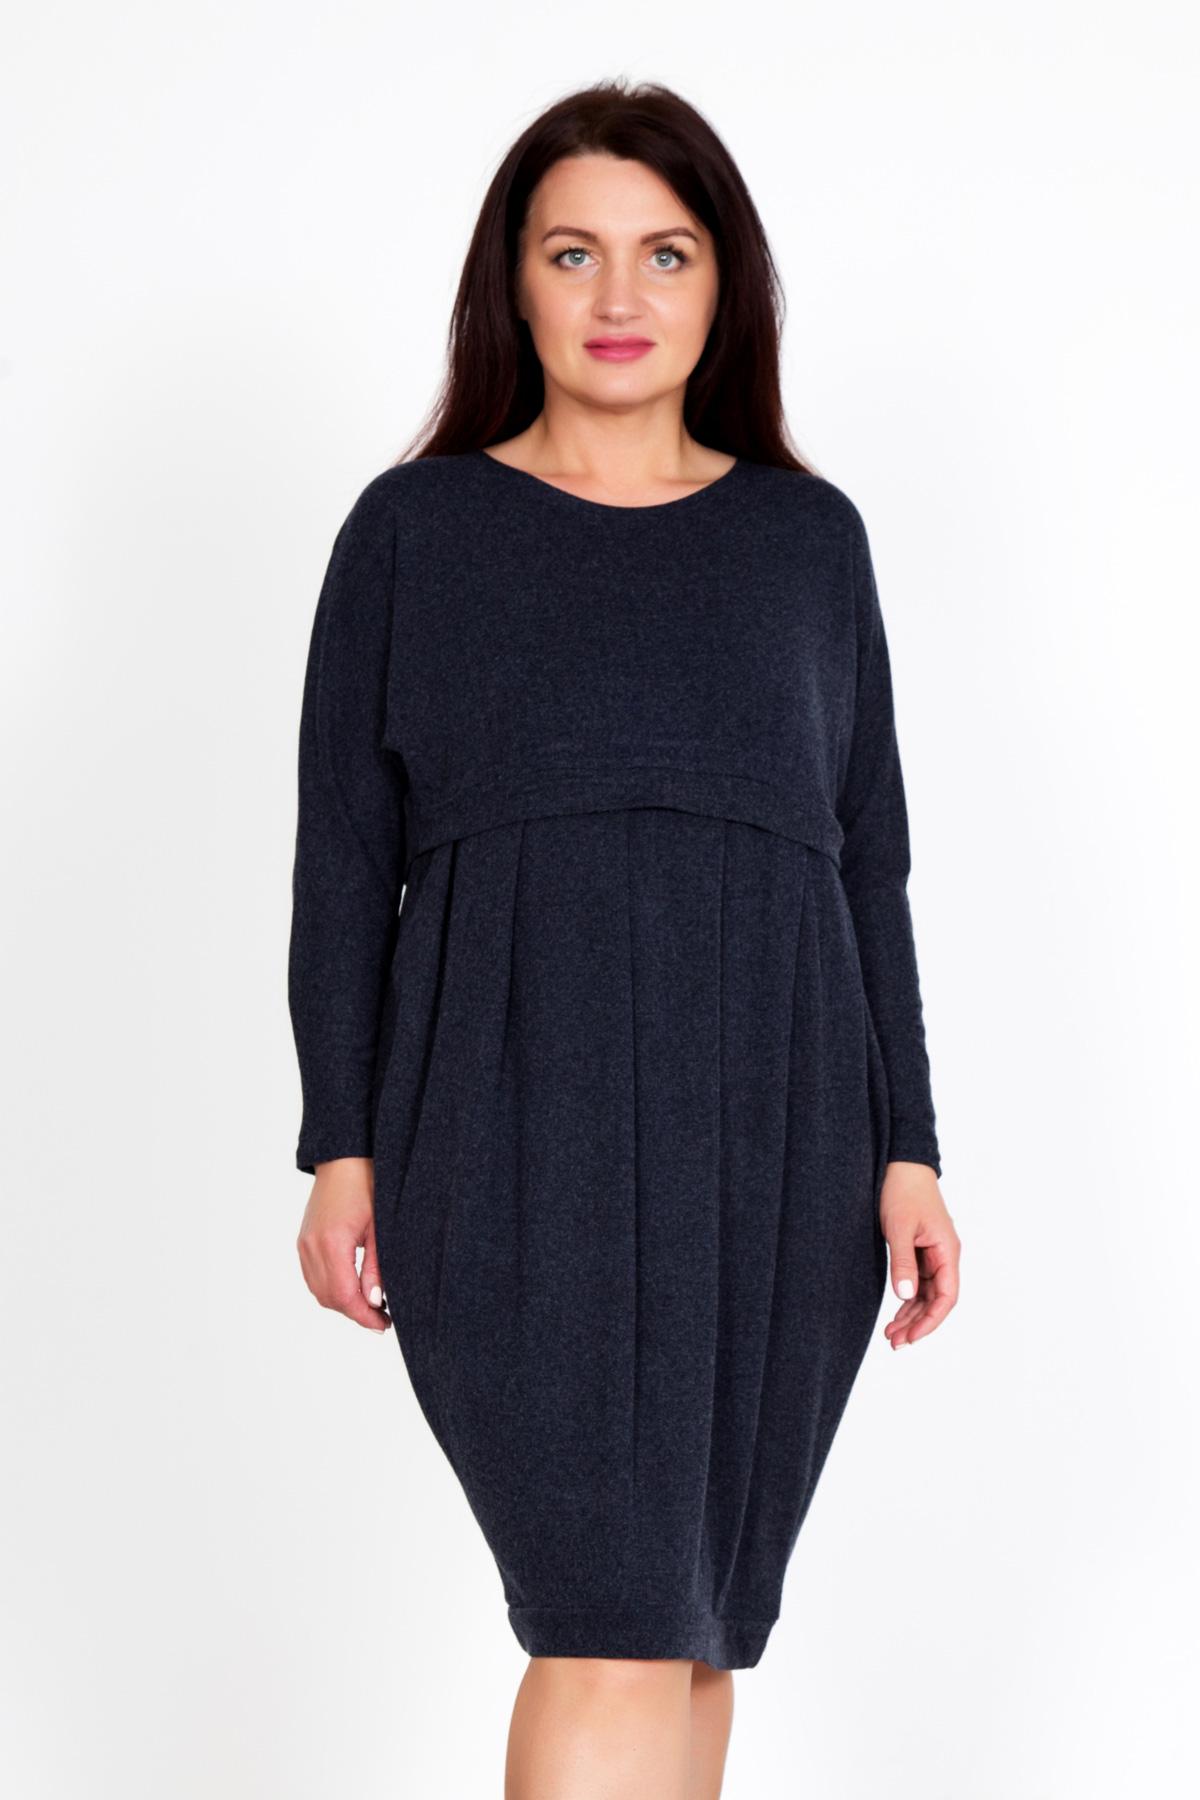 Жен. платье Доти р. 54Распродажа женской одежды<br>Обхват груди: 108 см <br>Обхват талии: 88 см <br>Обхват бедер: 116 см <br>Длина по спинке: 91 см <br>Рост: 167 см<br><br>Тип: Жен. платье<br>Размер: 54<br>Материал: Хамур